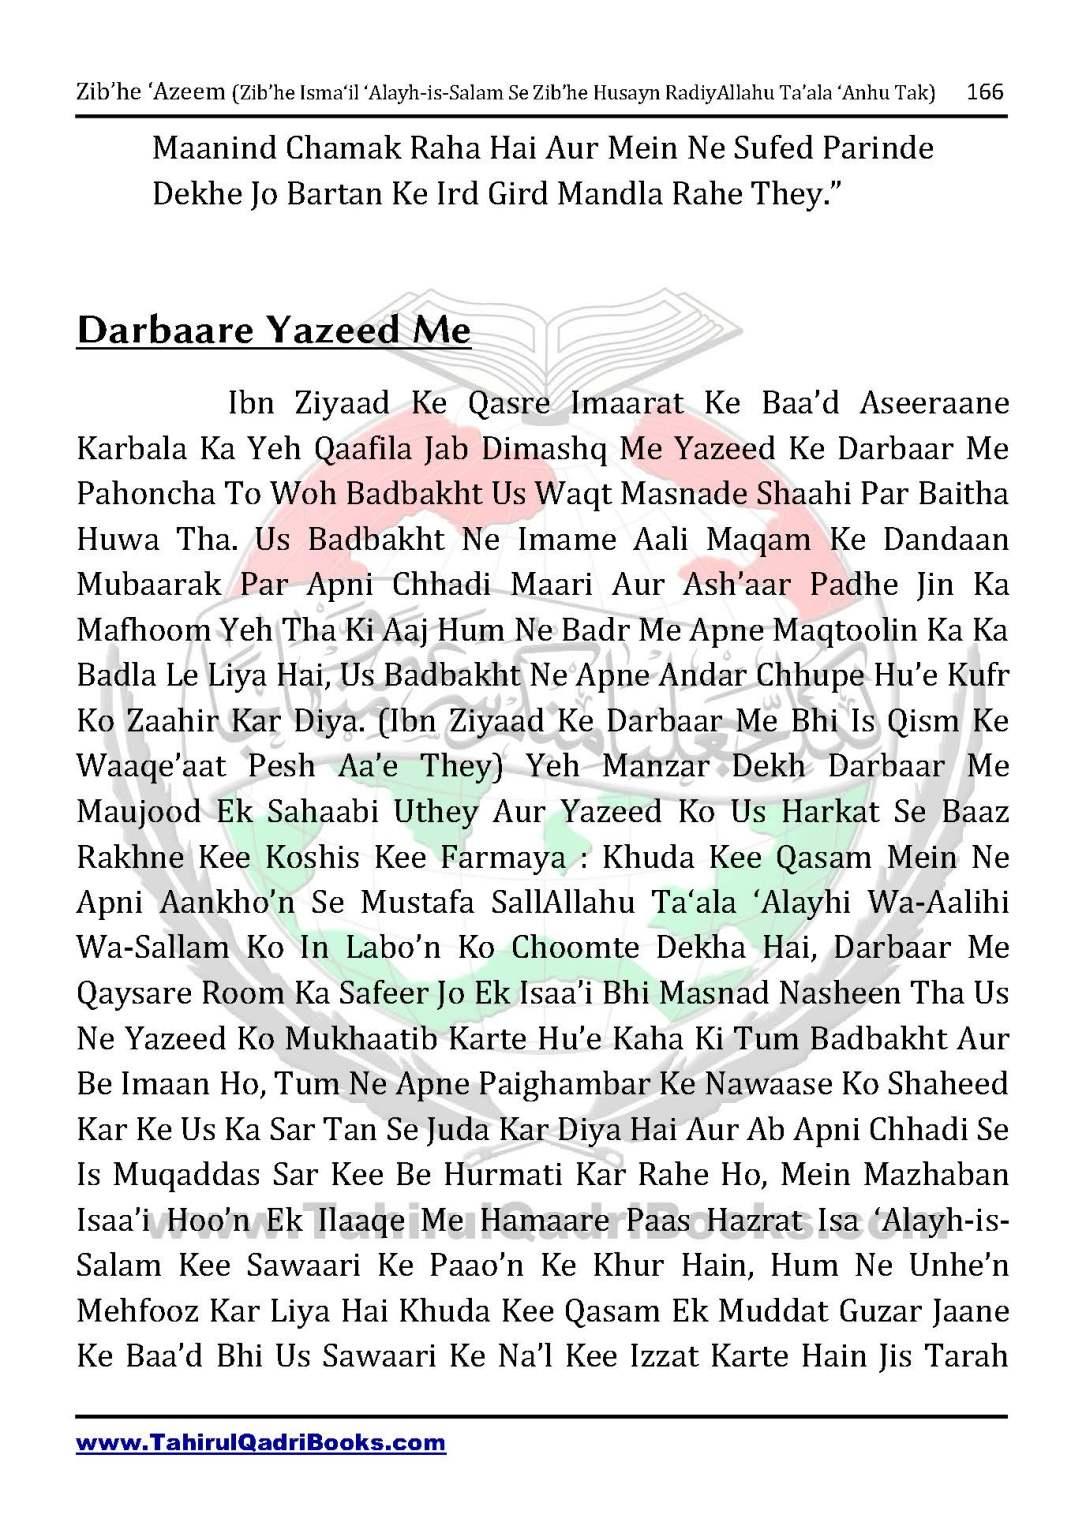 zib_he-e28098azeem-zib_he-ismacabbil-se-zib_he-husayn-tak-in-roman-urdu-unlocked_Page_166